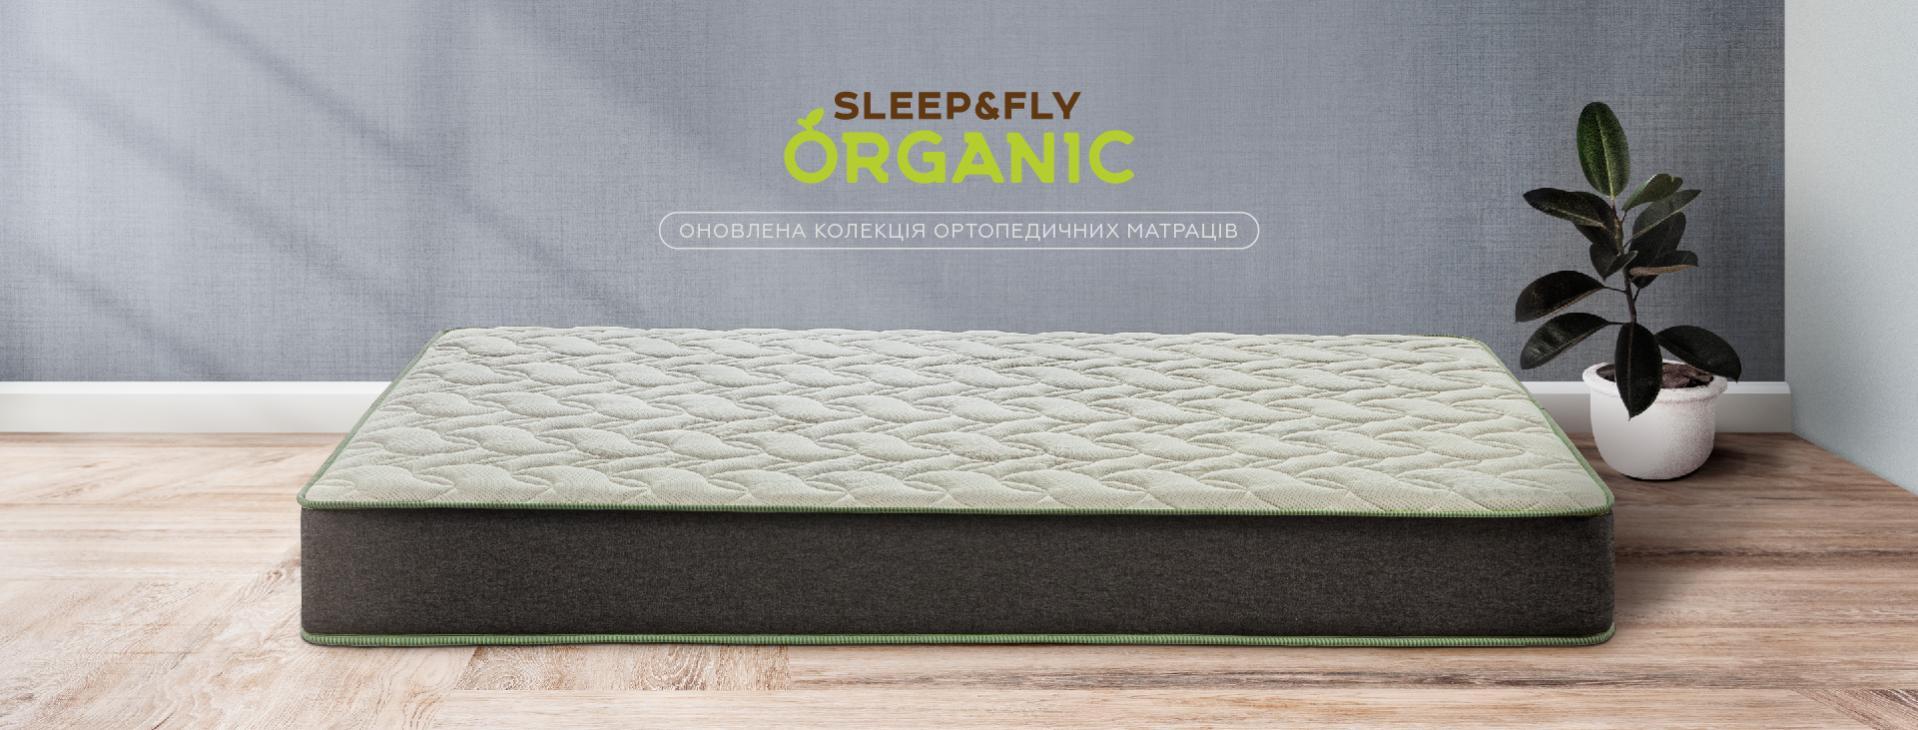 Оновлена колекція ортопедичних матраців Organic